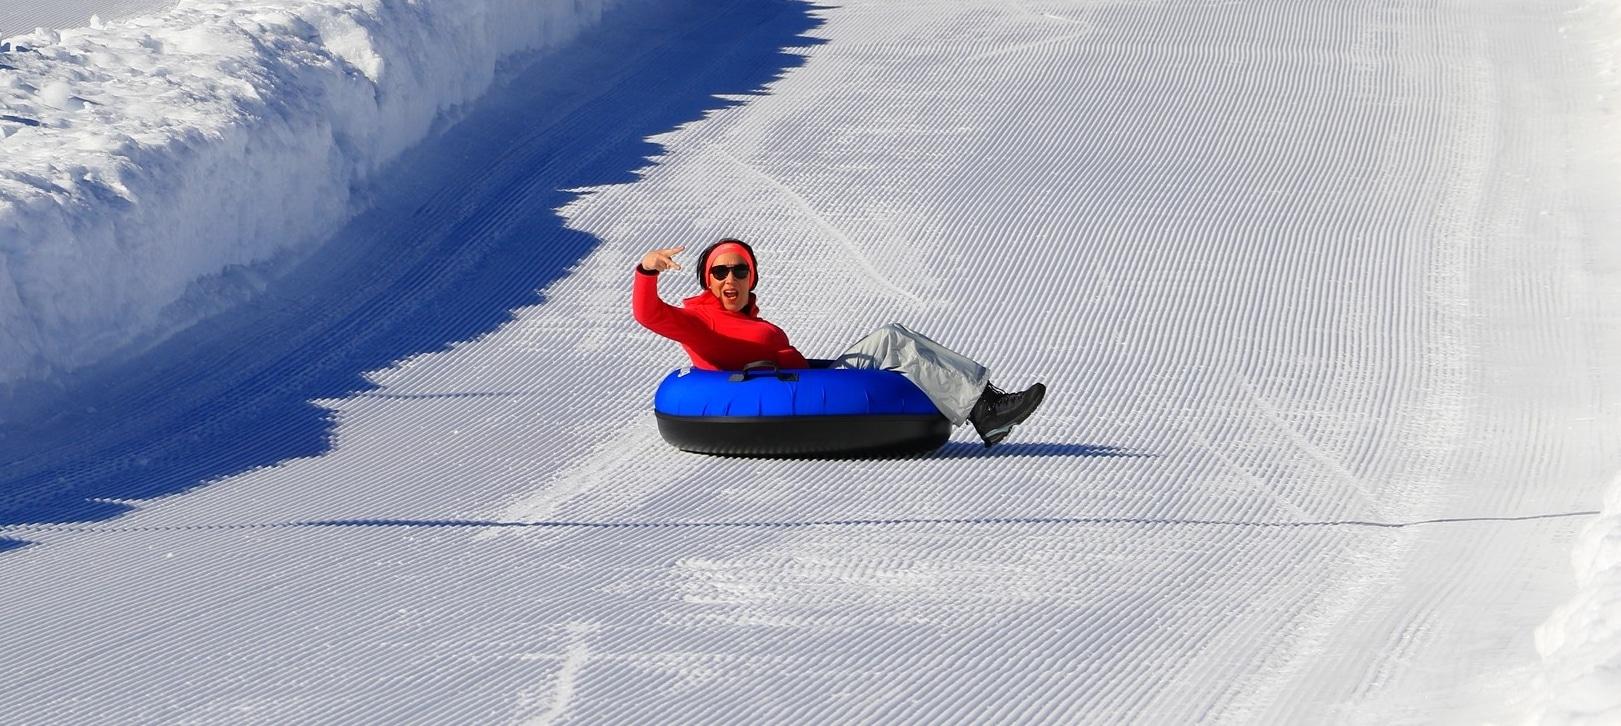 Le snowtubing, un max de sensations !